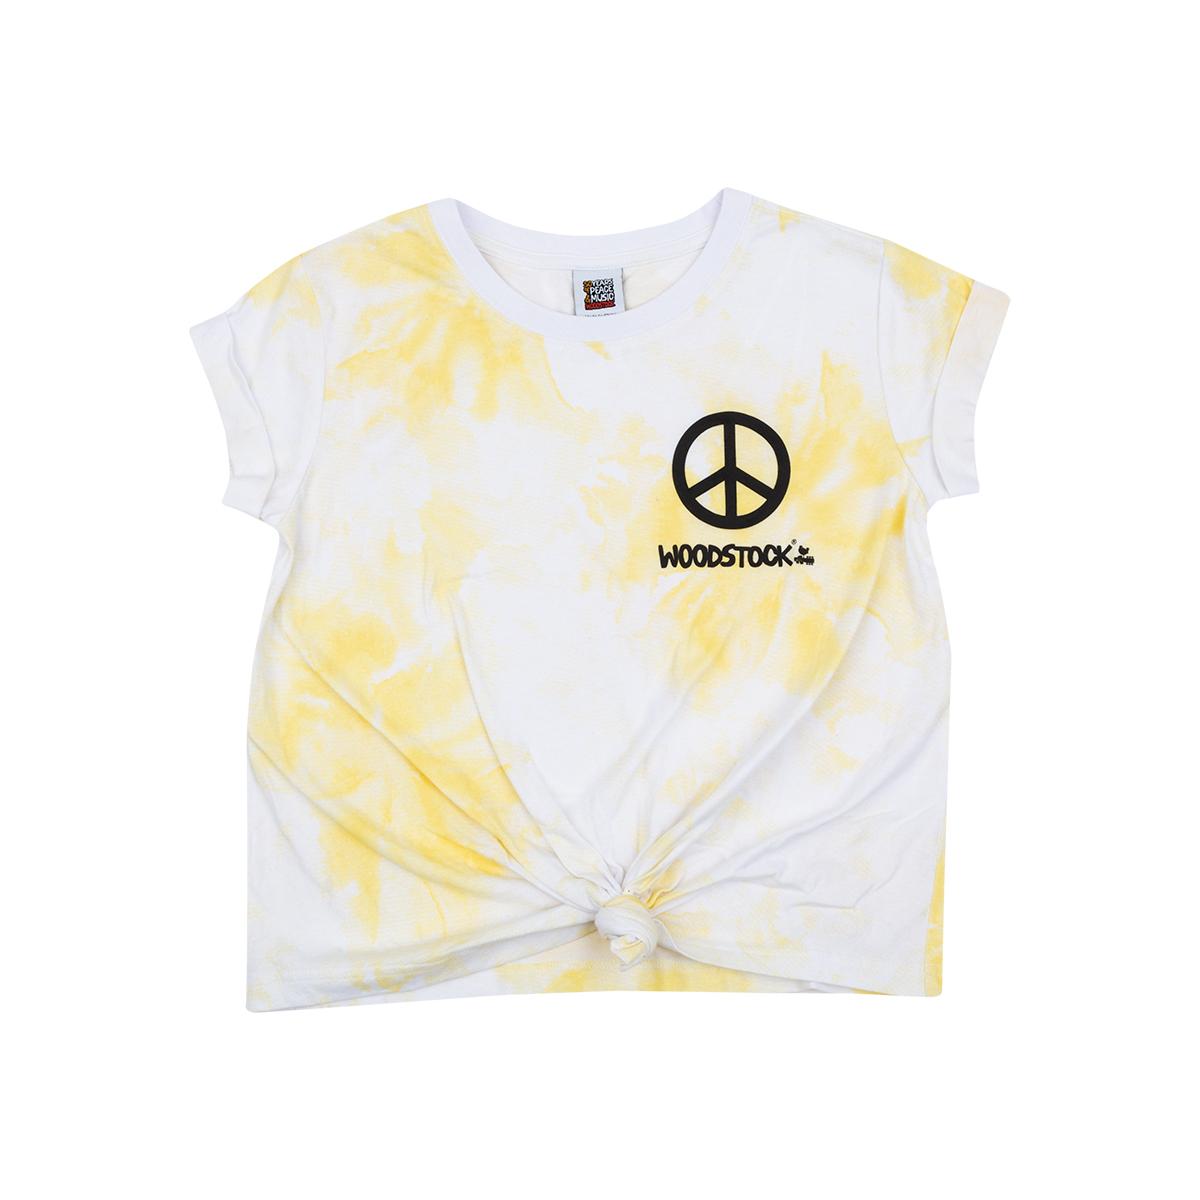 Woodstock Yellow Tie Dye Girls Shirt